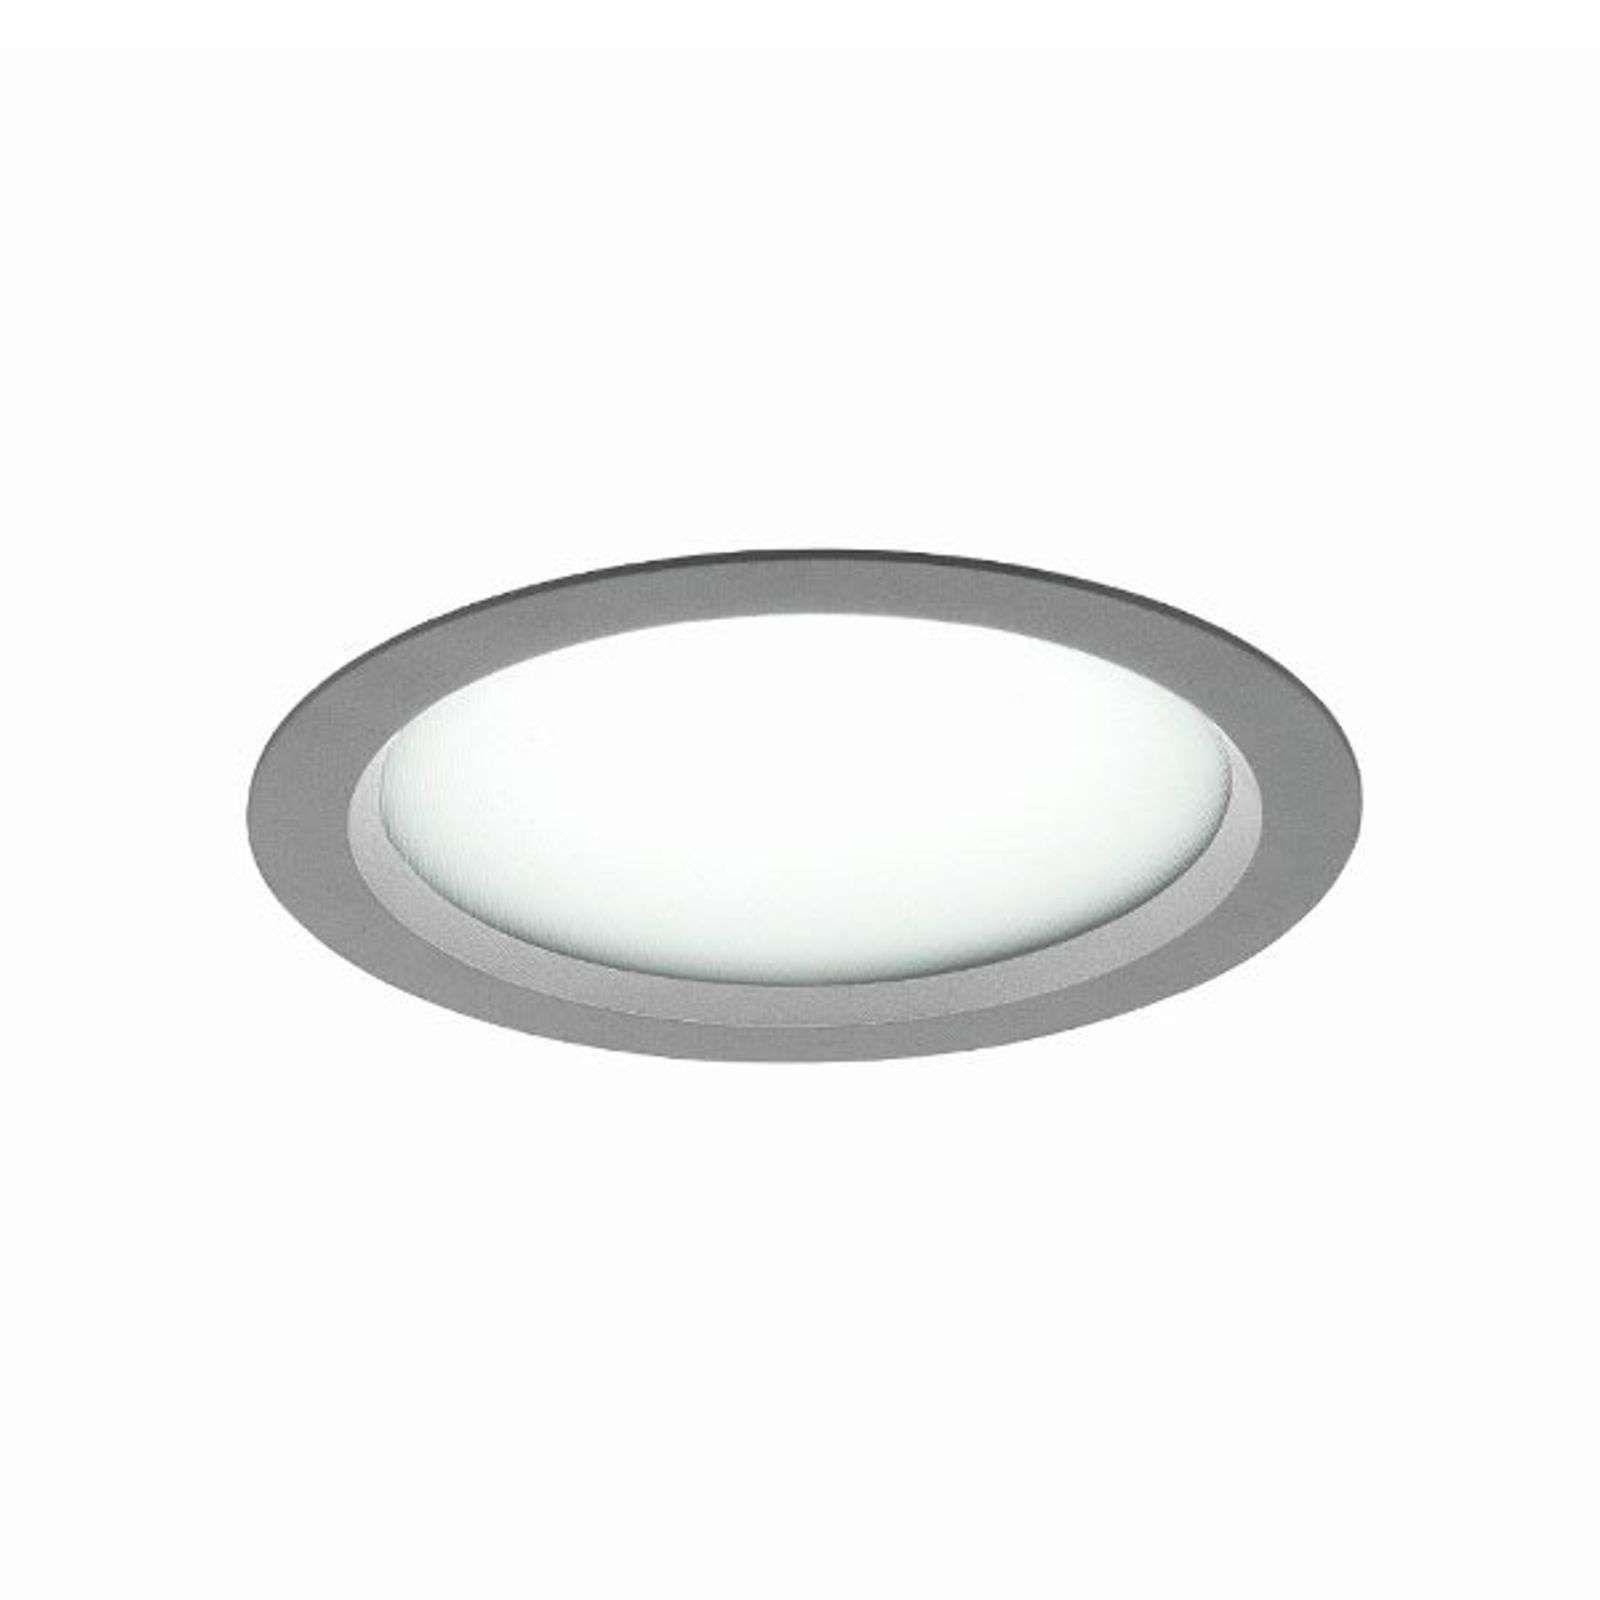 Spot Encastrable Led Vale Tu Flat Medium 3 000 K En 2020 Lumiere De Lampe Spot Led Encastrable Et Led